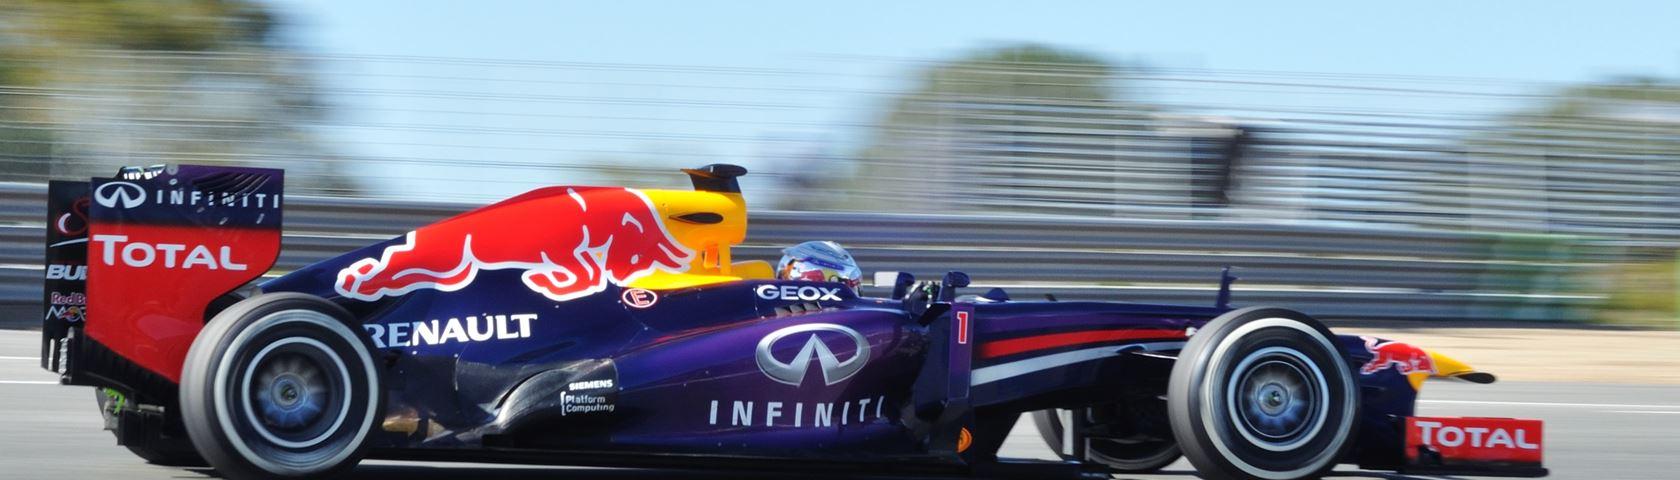 Sebastian Vettel's 2013 Red Bull Car